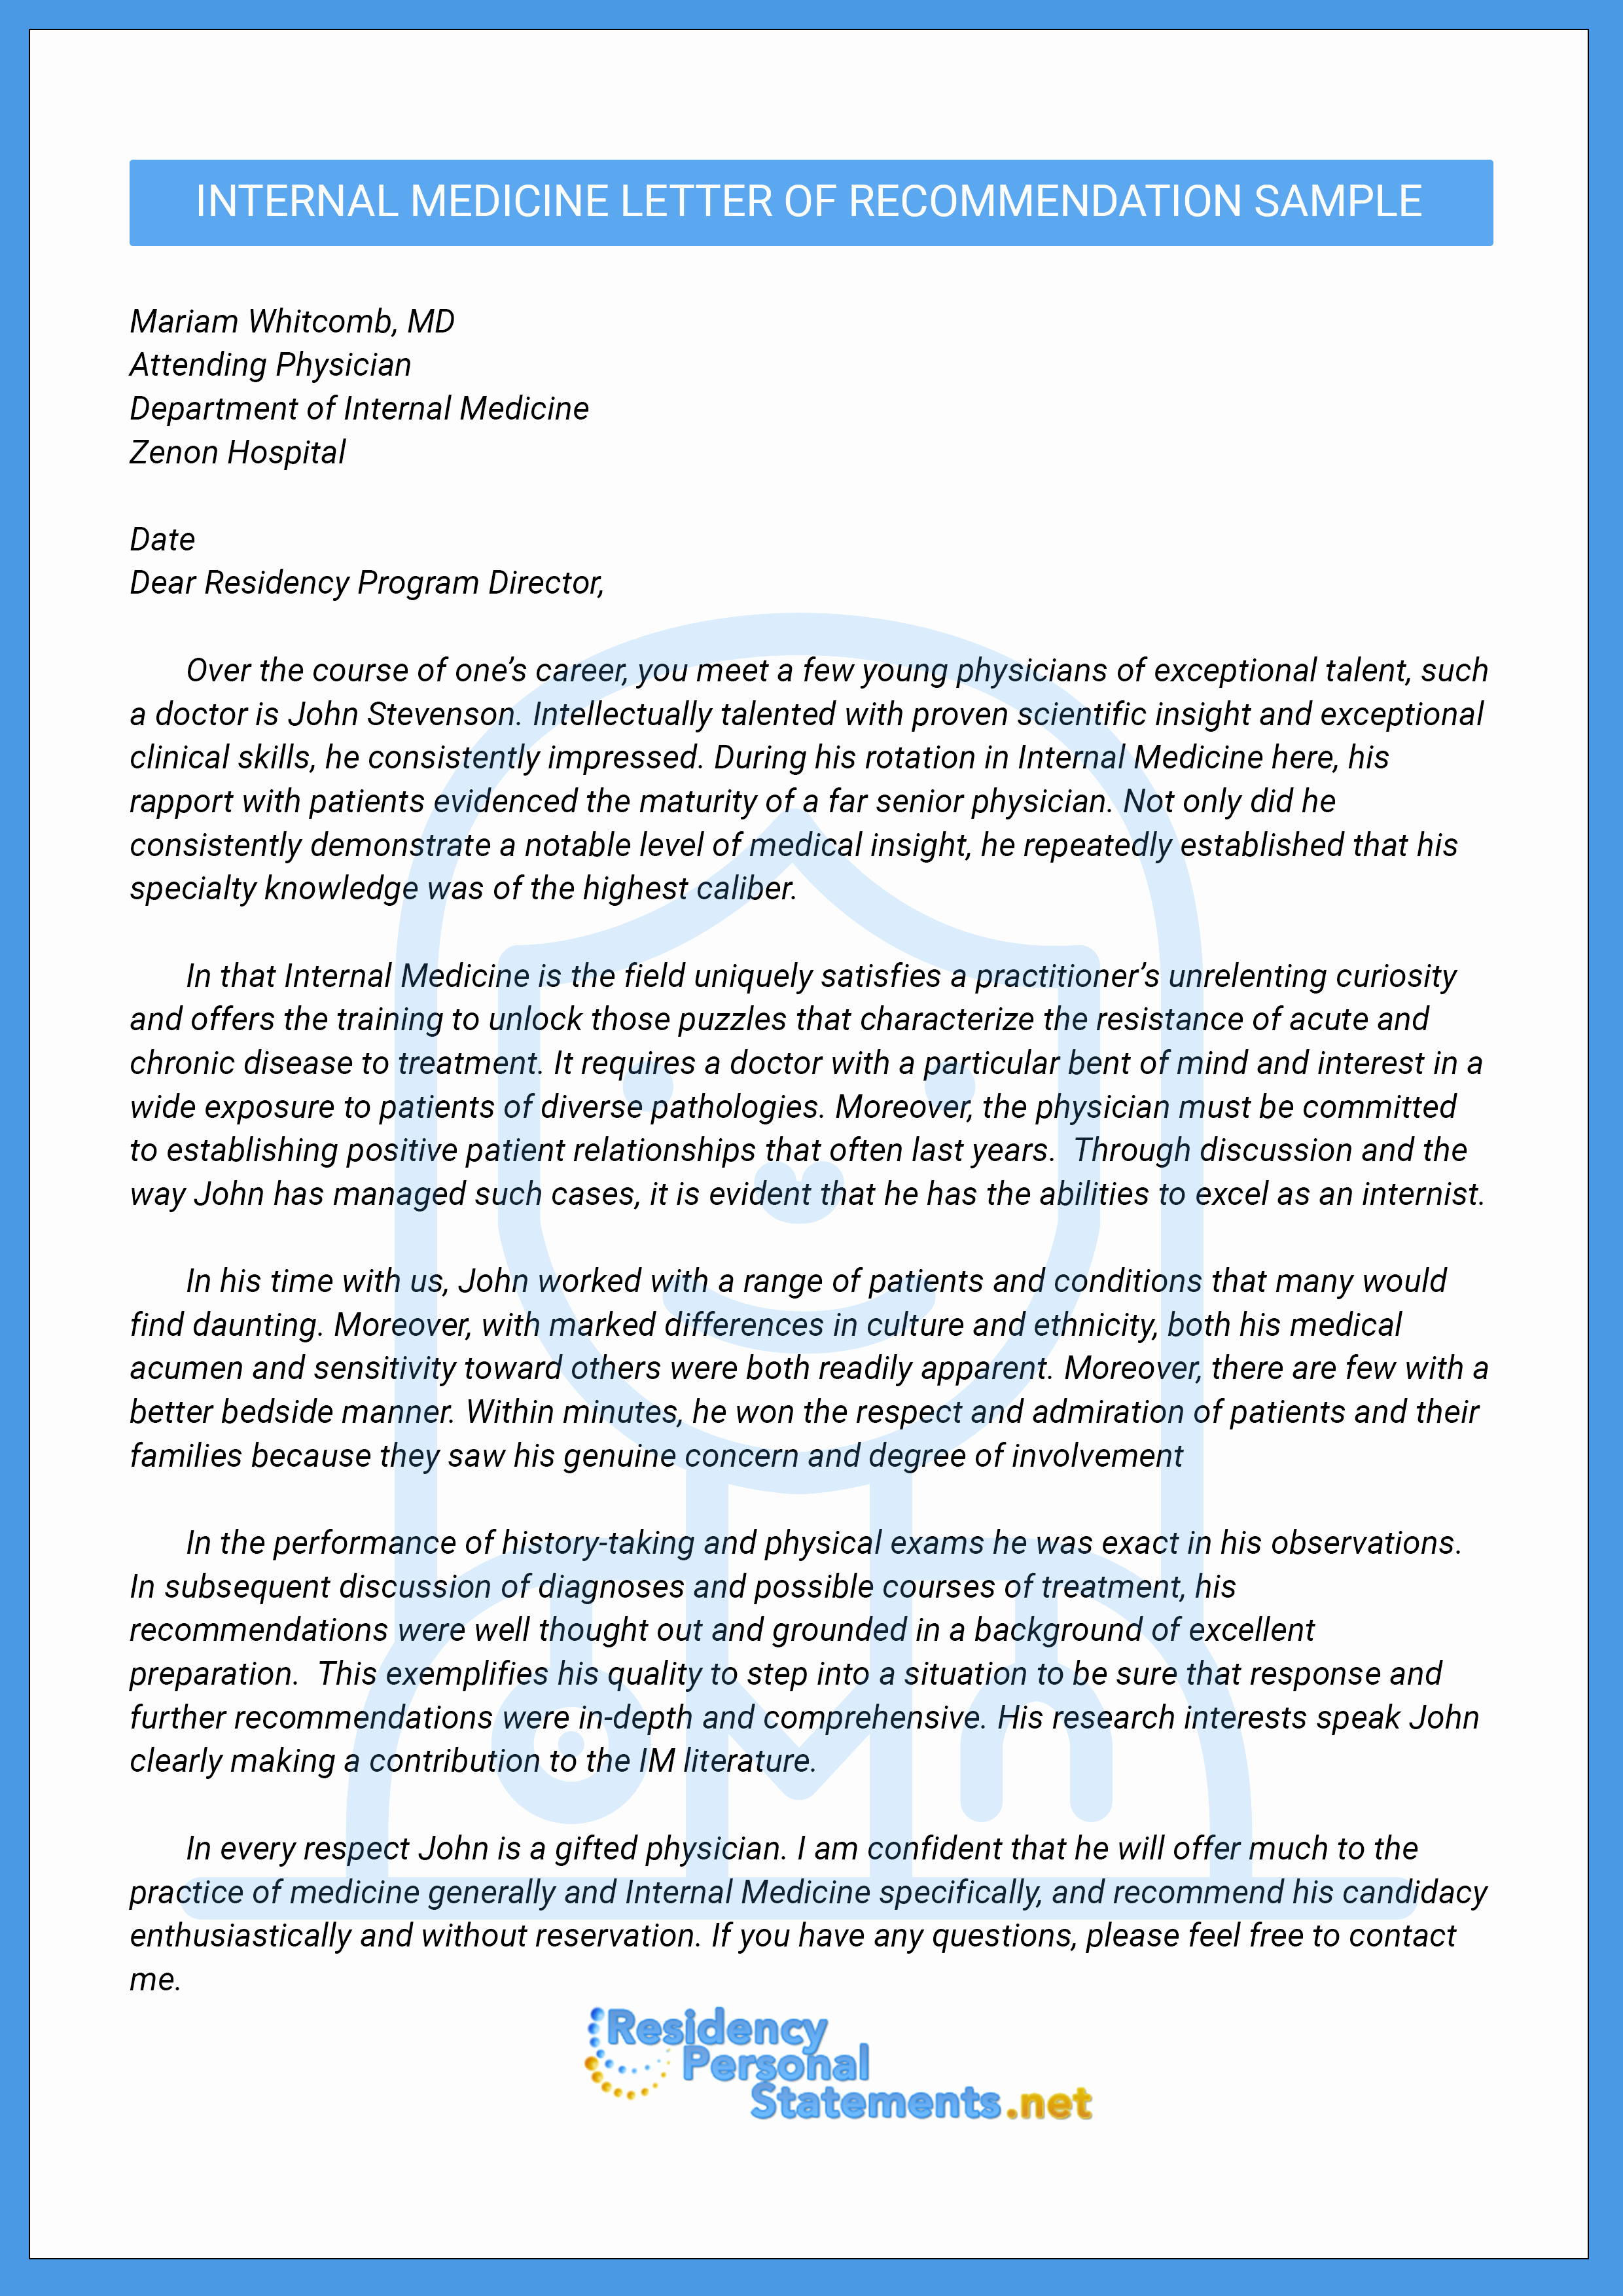 Residency Recommendation Letter Sample Luxury Letter Of Re Mendation for Internal Medicine Residency